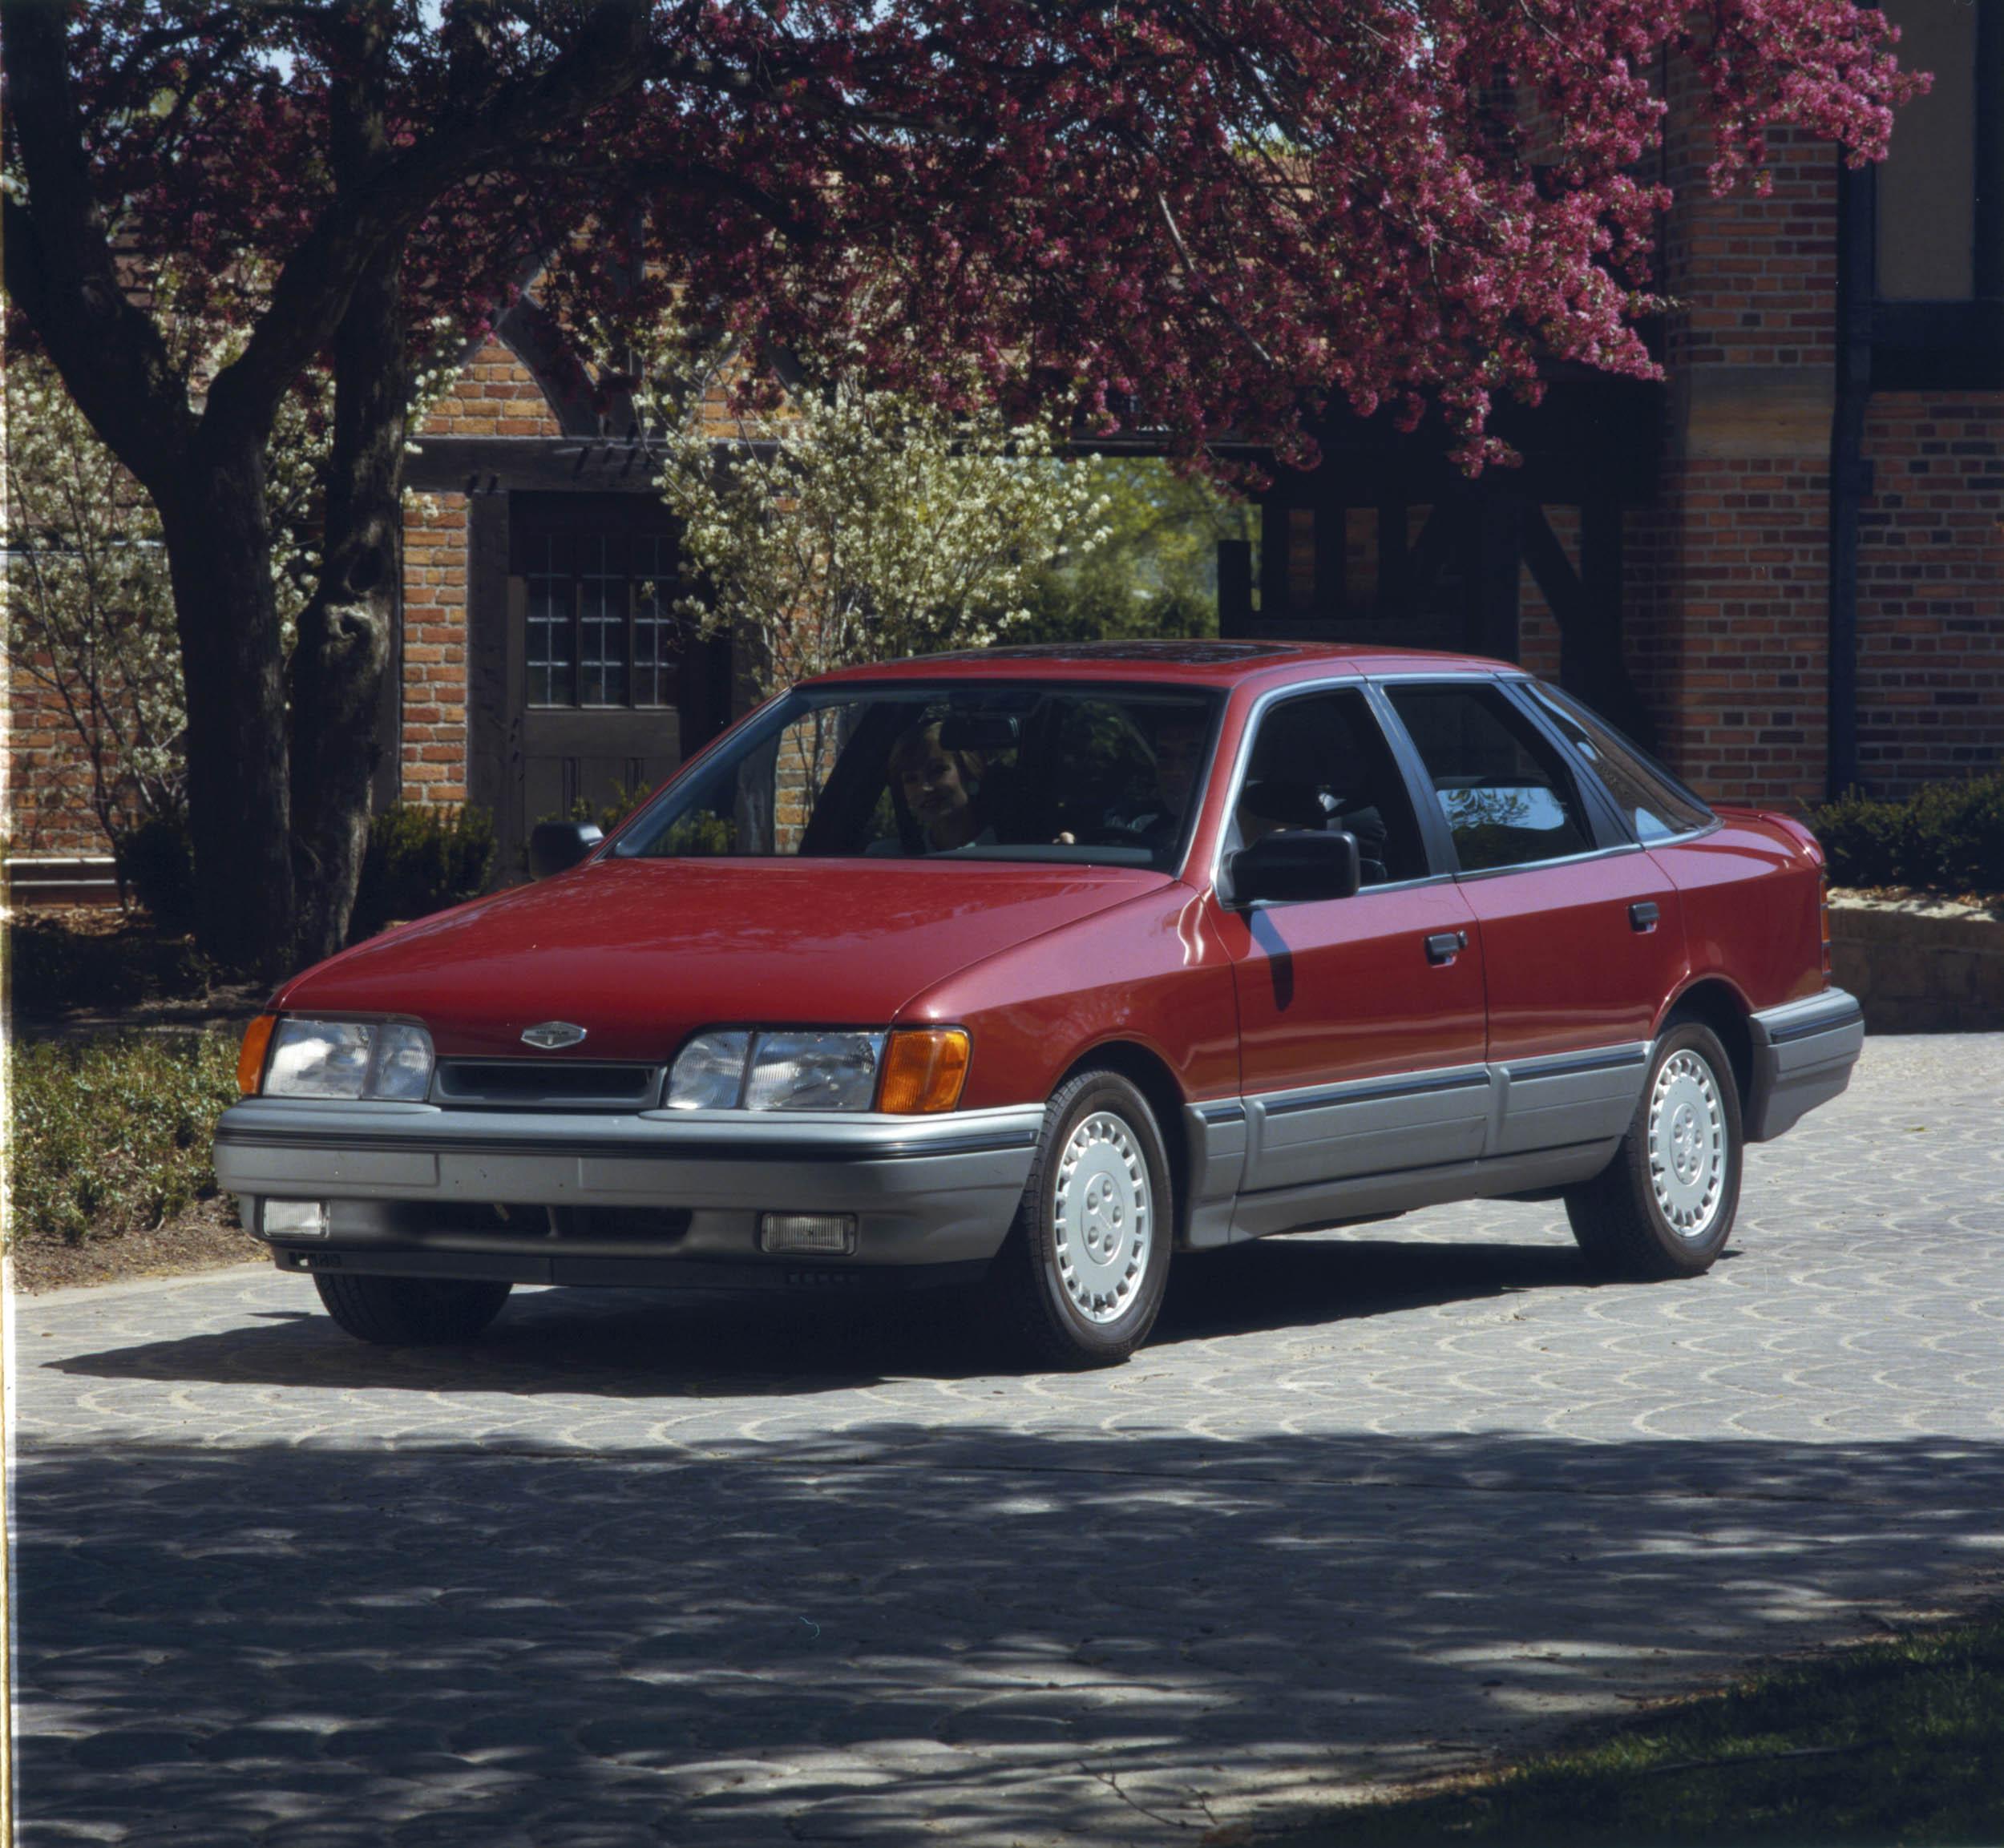 1988 Merkur Scorpio in the drive way